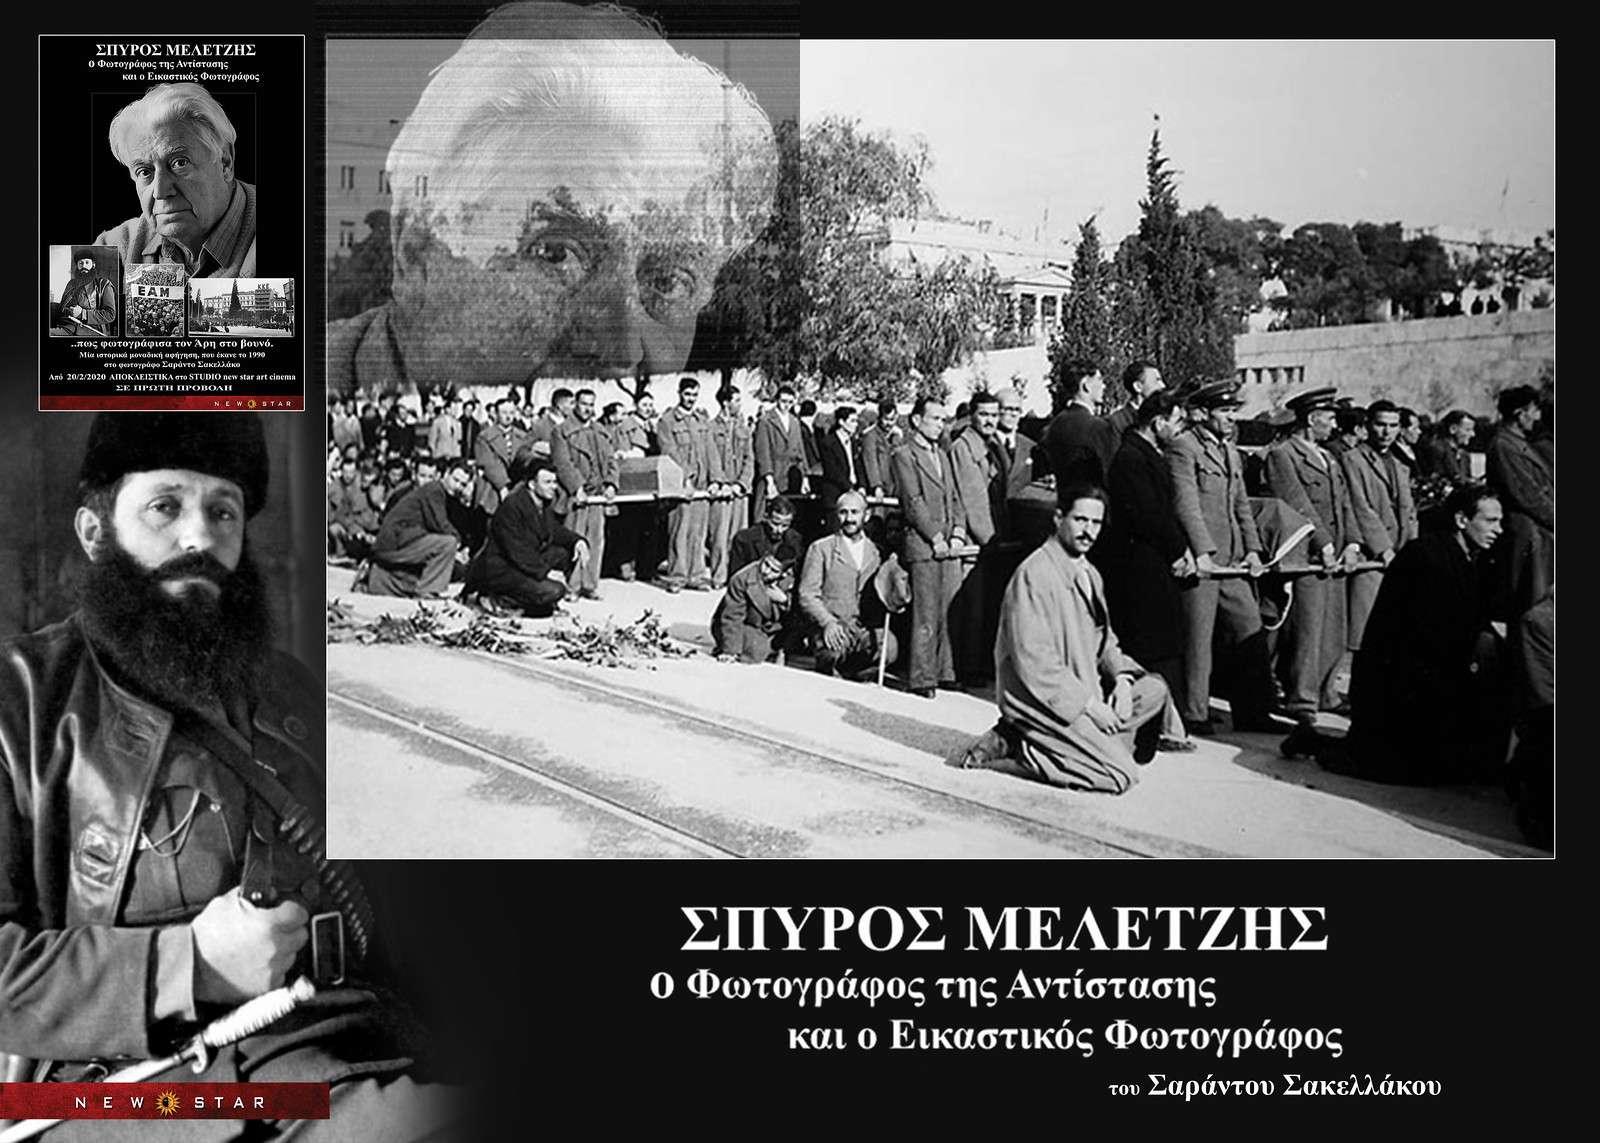 ΣΠΥΡΟΣ ΜΕΛΕΤΖΗΣ ο Φωτογράφος της Αντίστασης και ο Εικαστικός Σαράντος Σακελλάκος